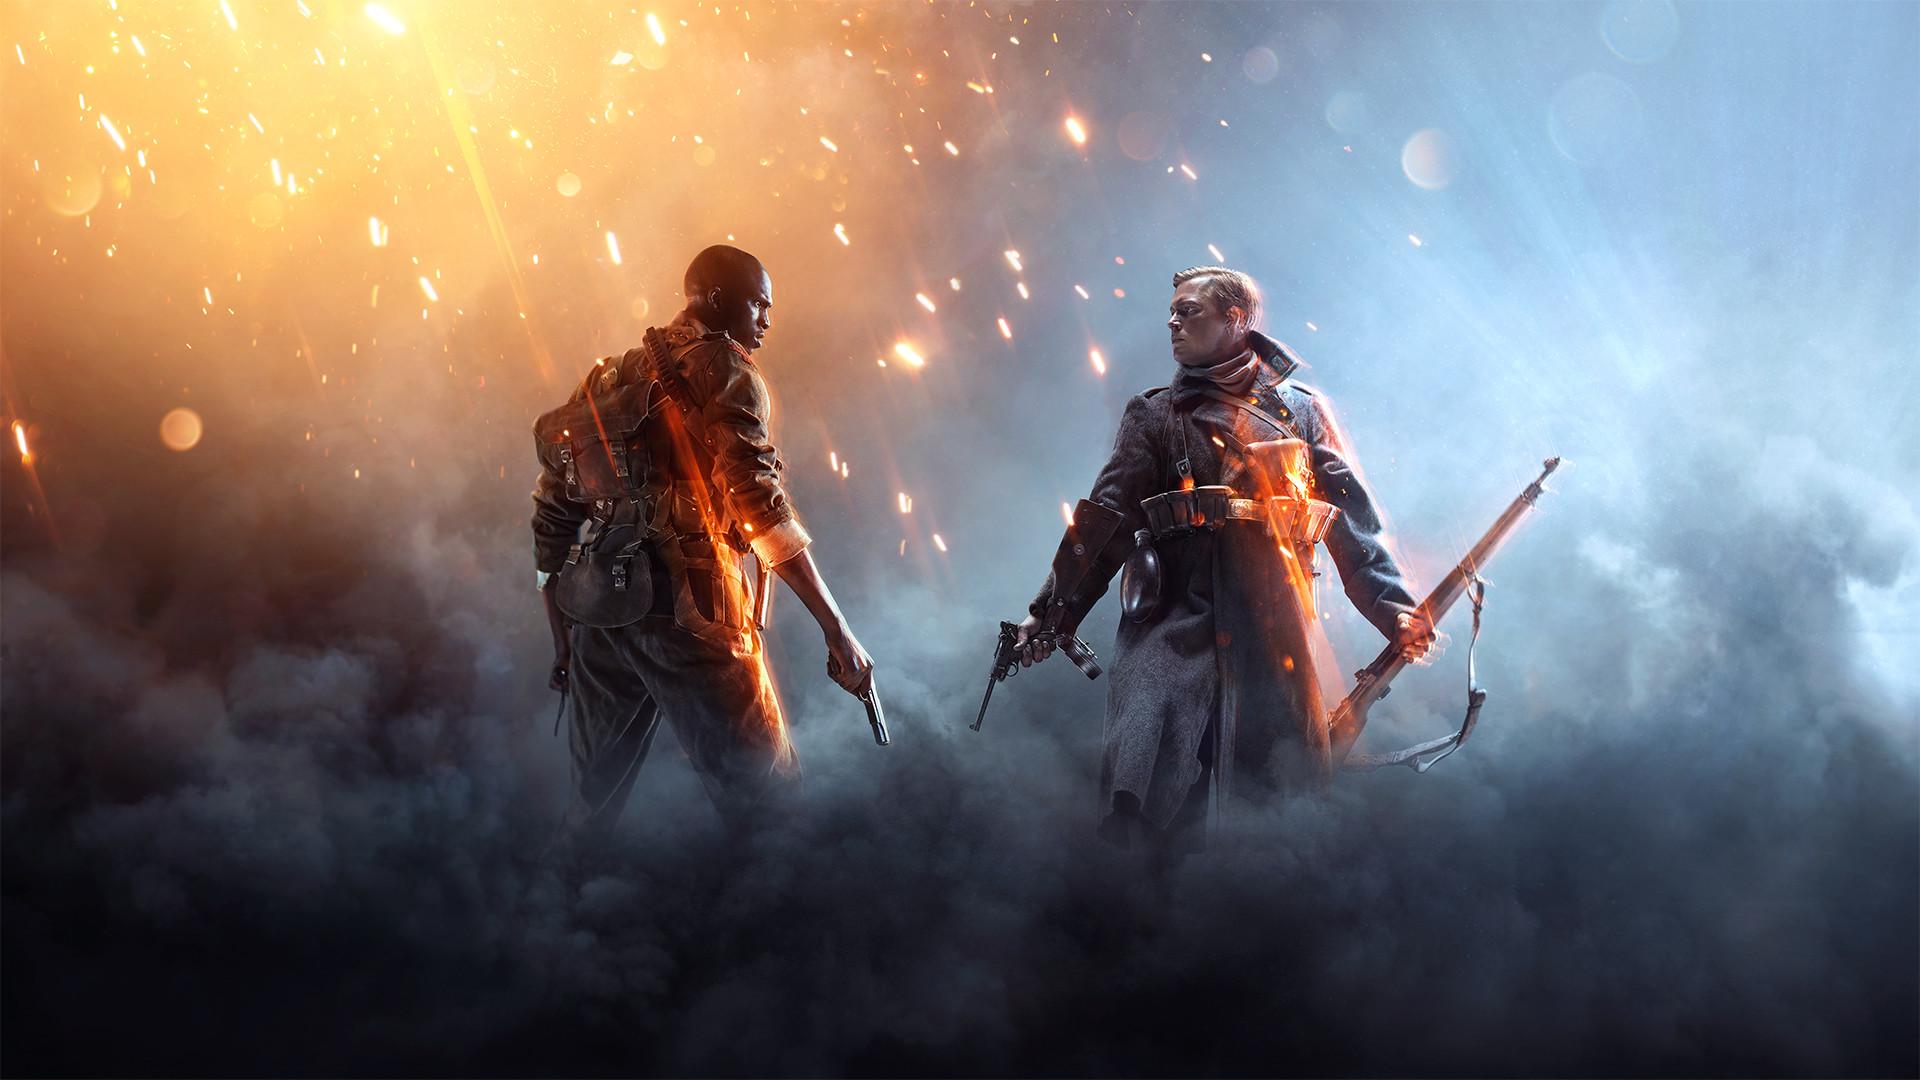 … Battlefield 1 Wallpapers HD …